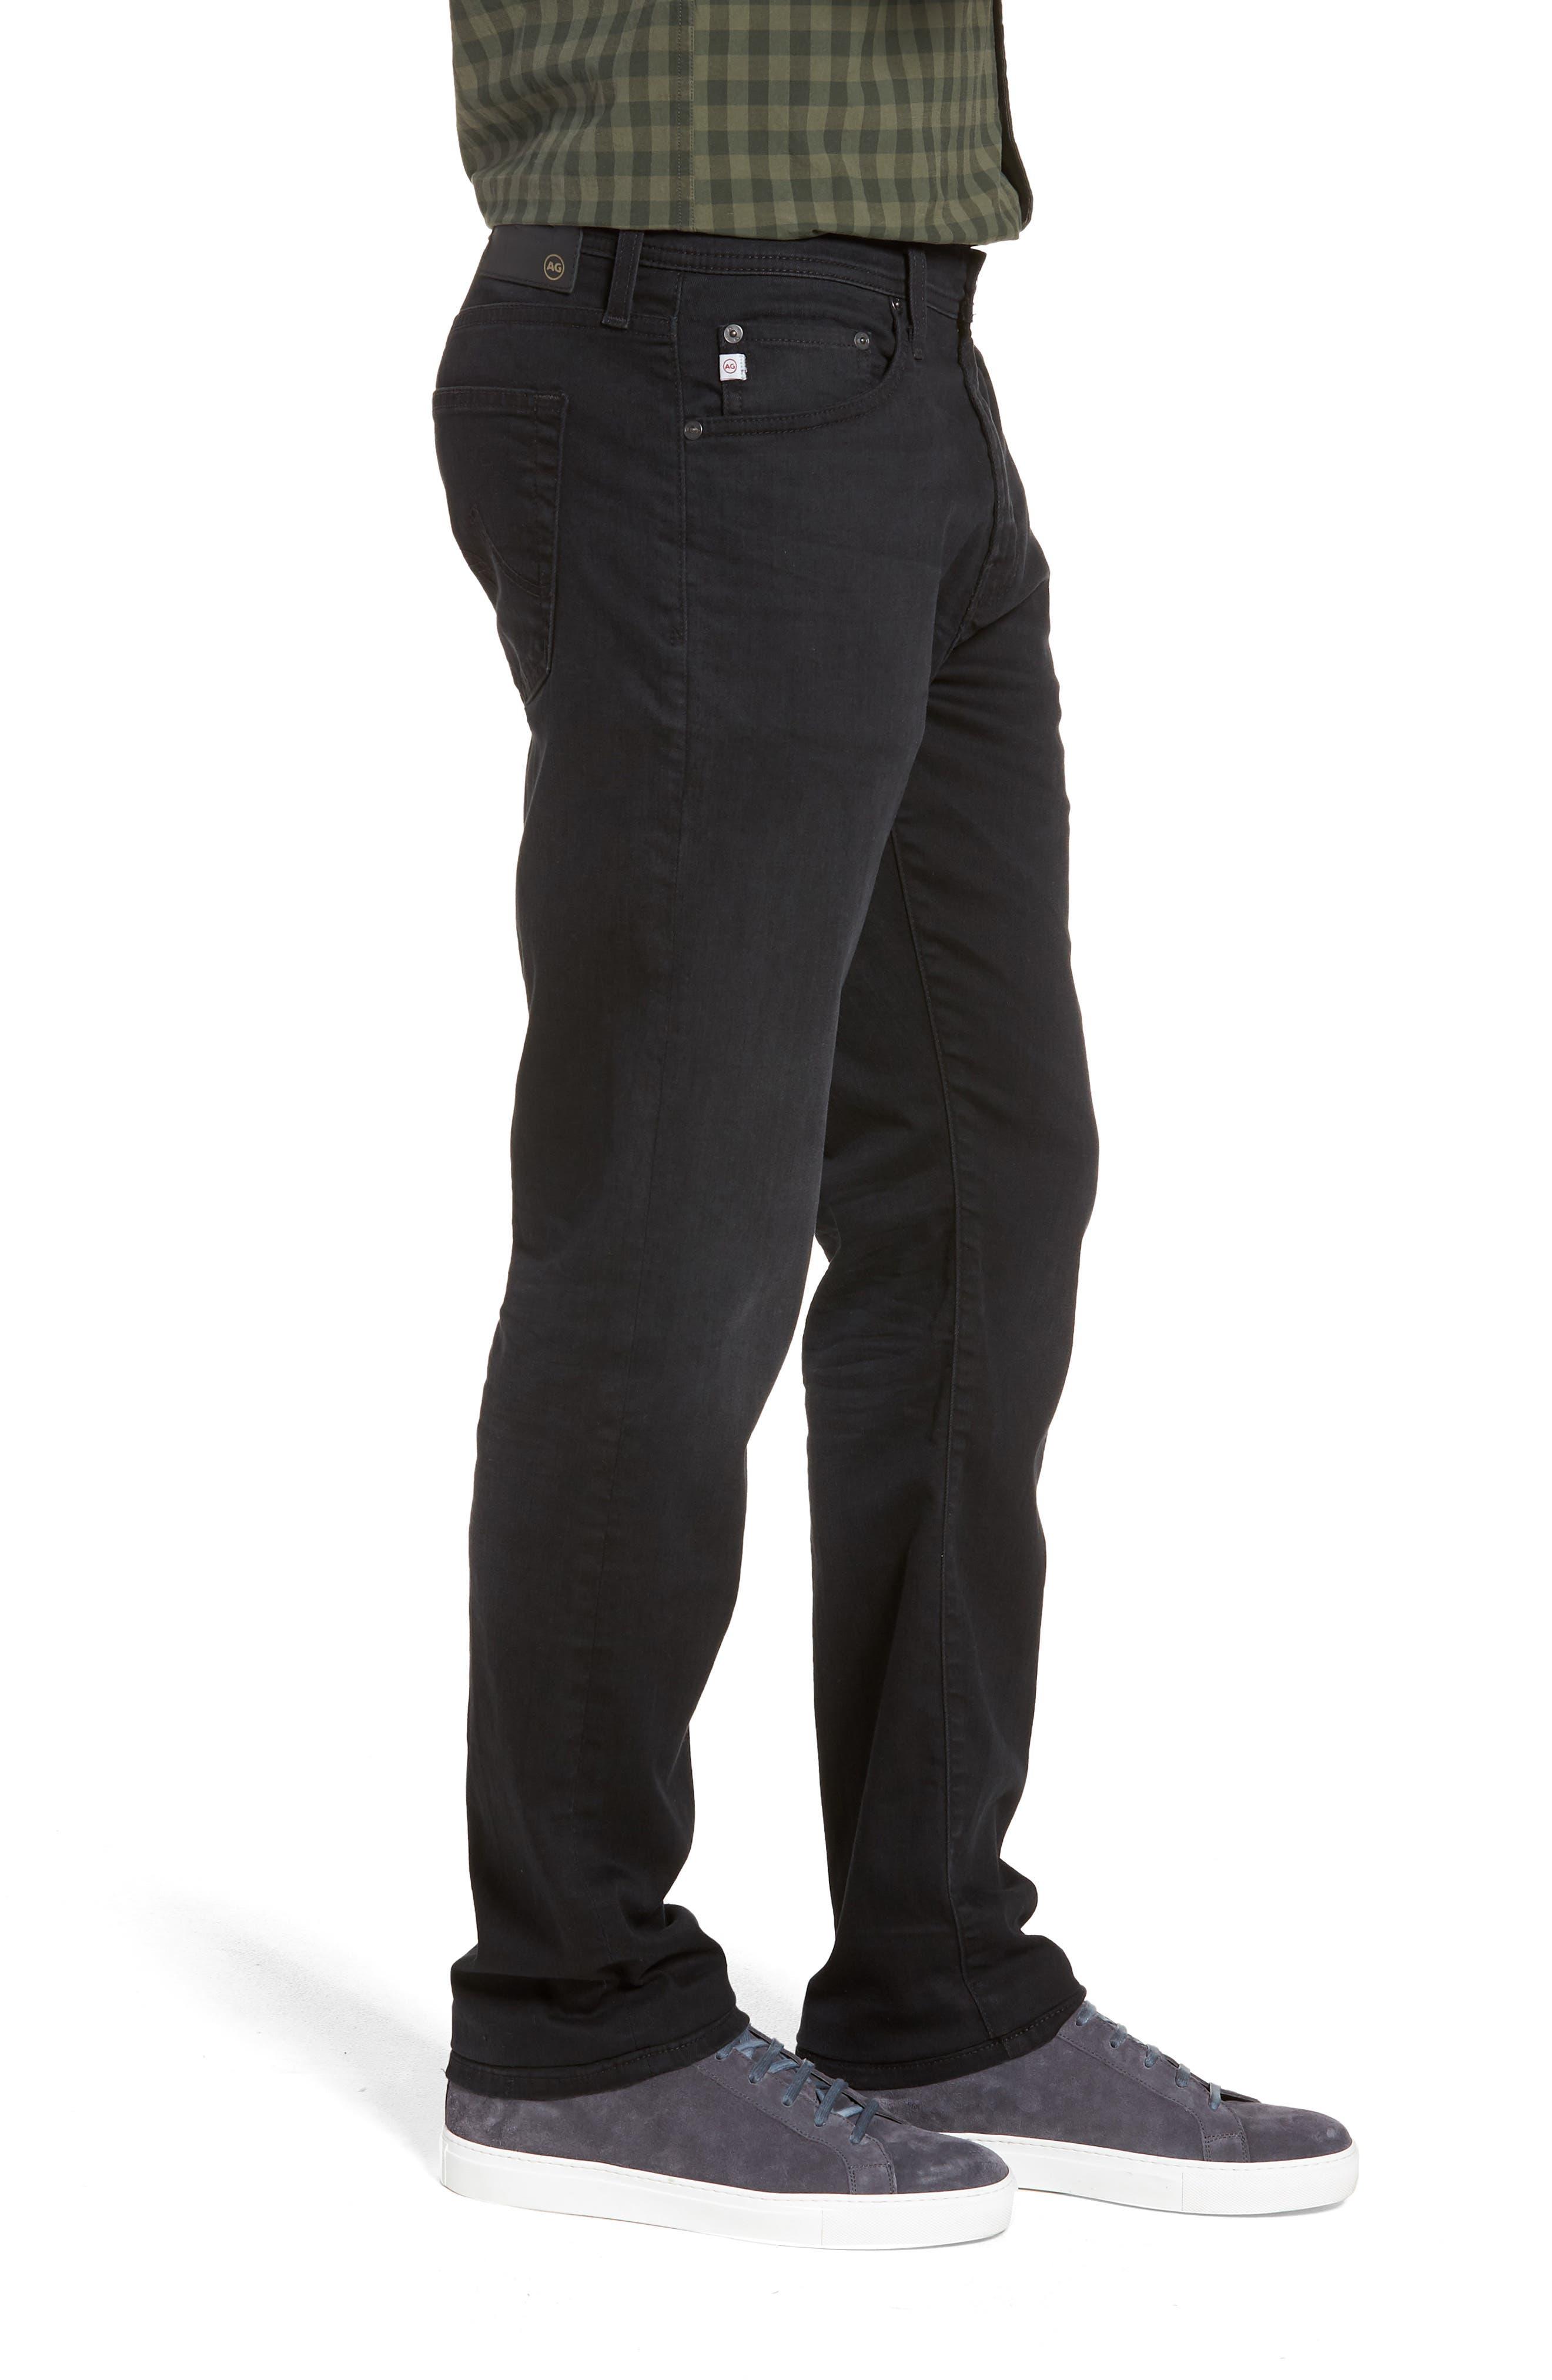 Everett Slim Straight Leg Jeans,                             Alternate thumbnail 3, color,                             001